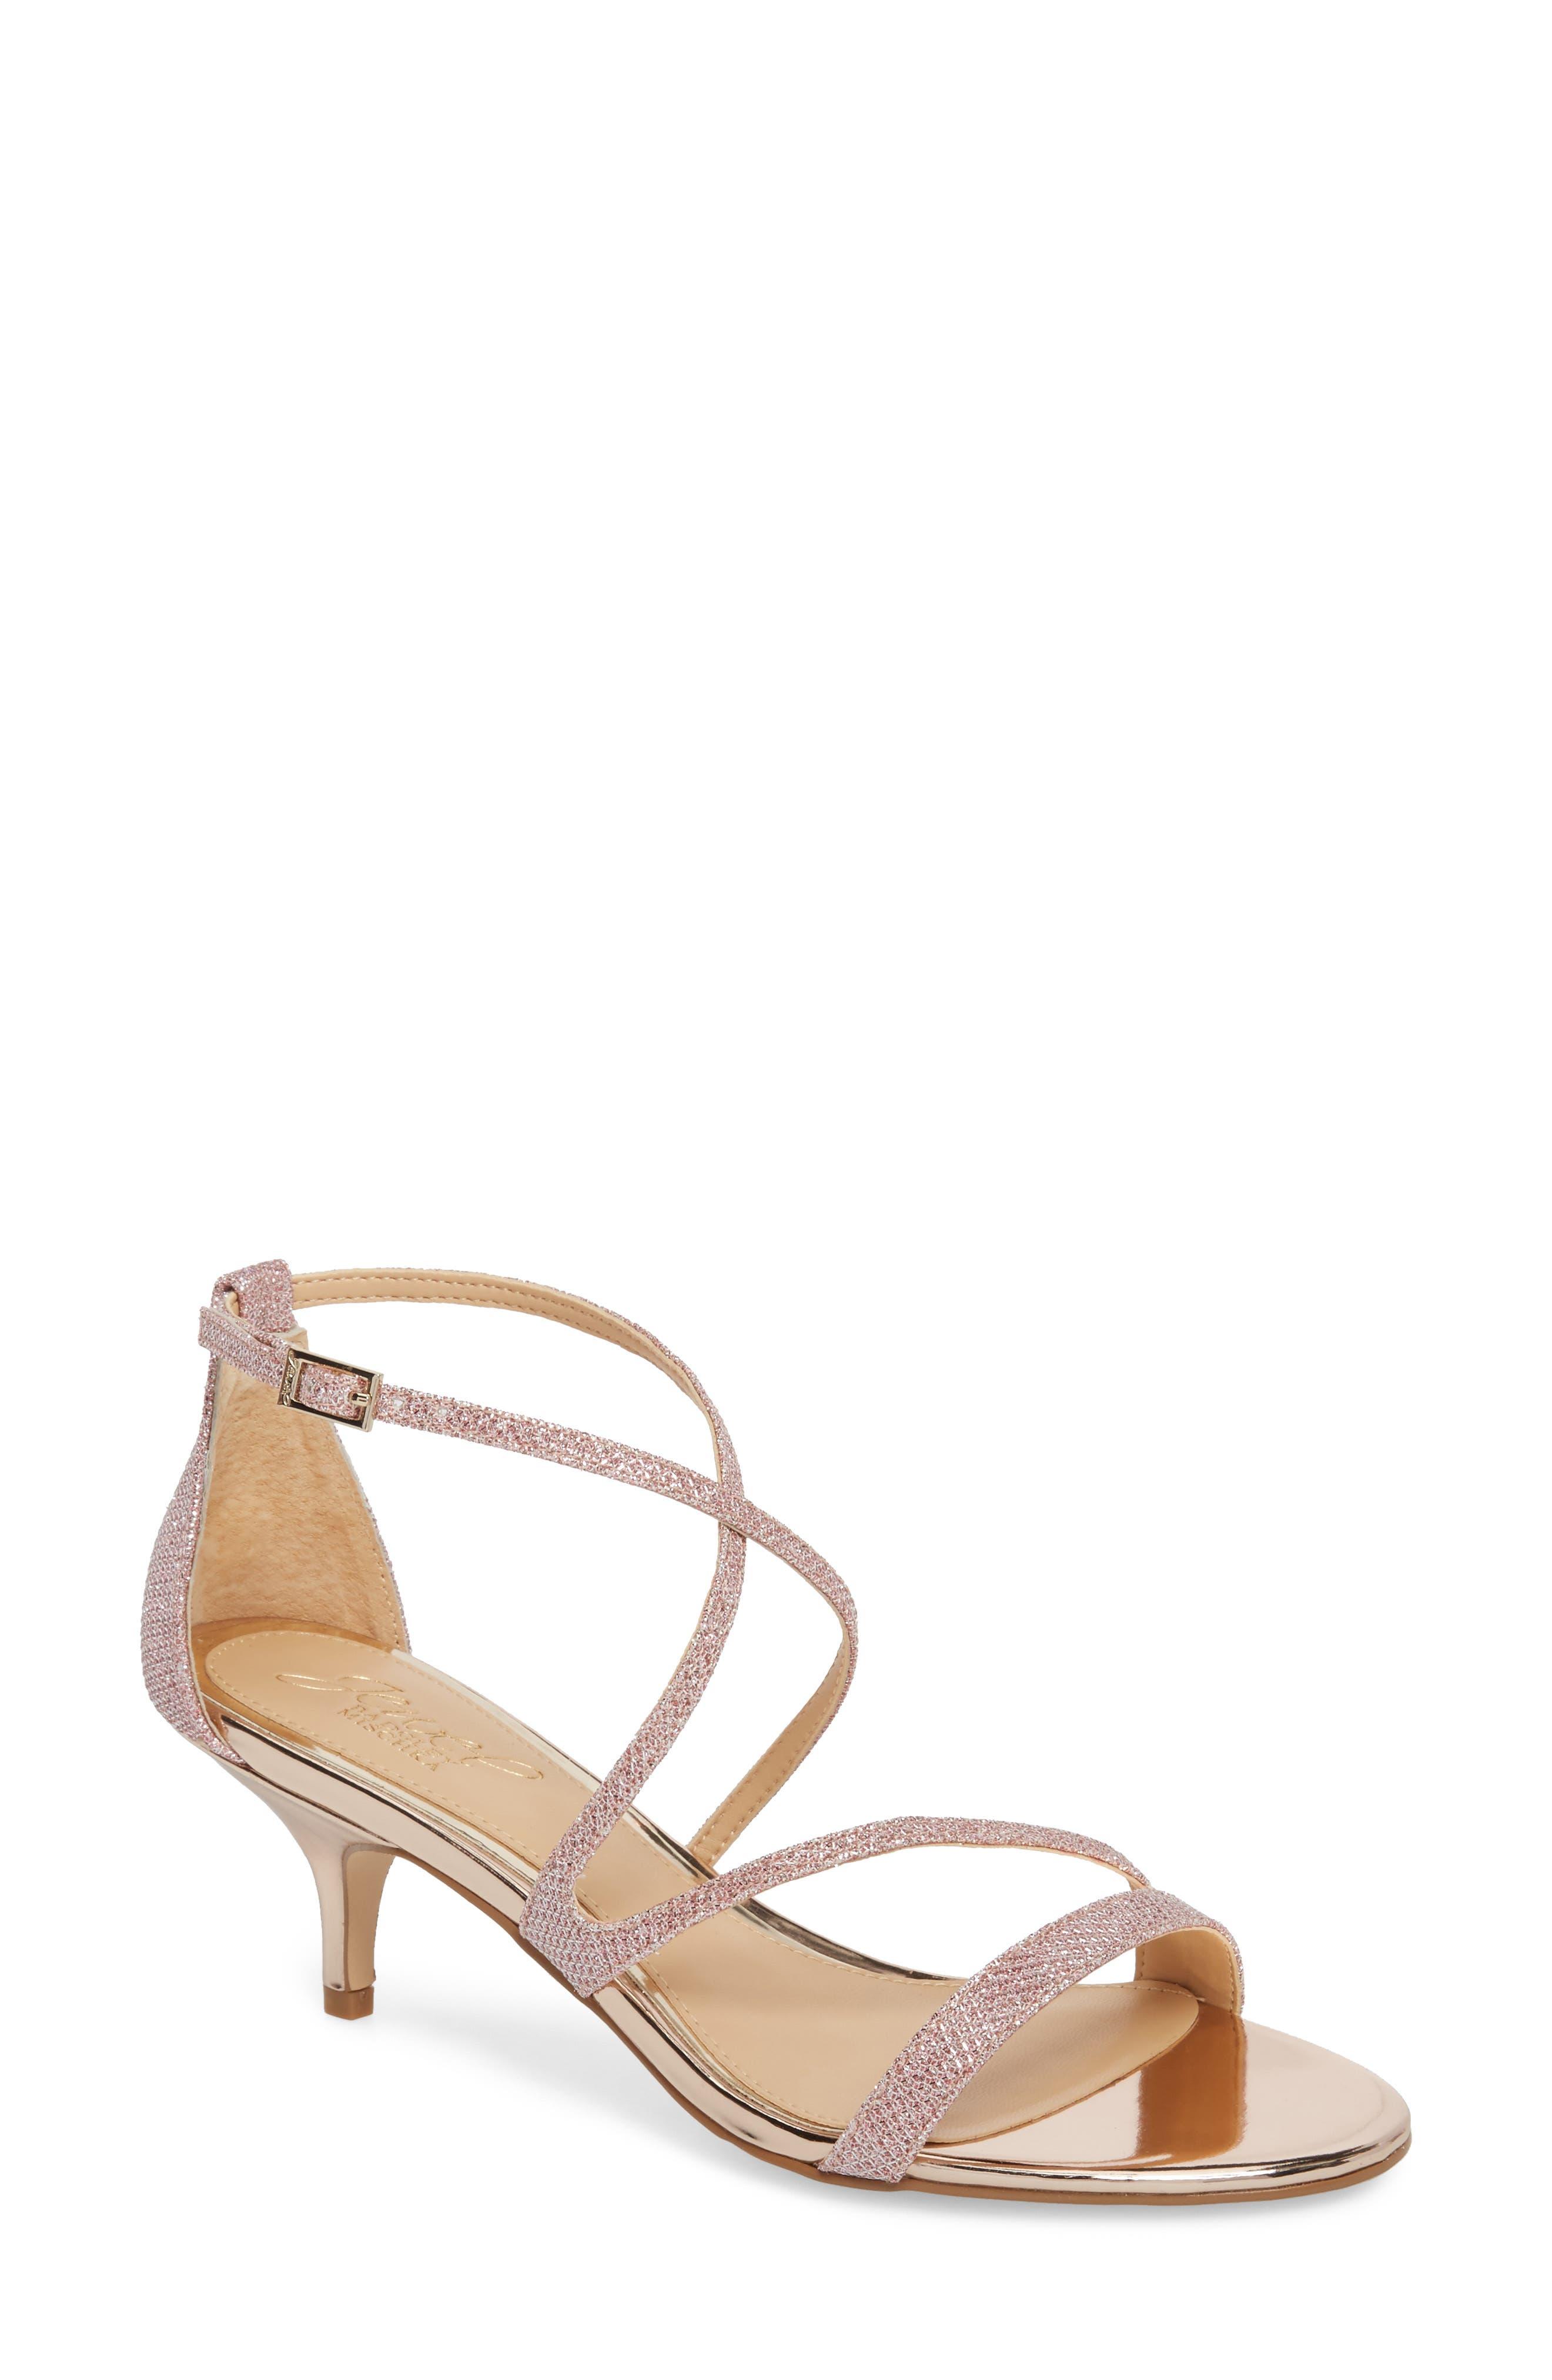 Gal Glitter Kitten Heel Sandal,                             Main thumbnail 1, color,                             Rose Gold Glitter Fabric